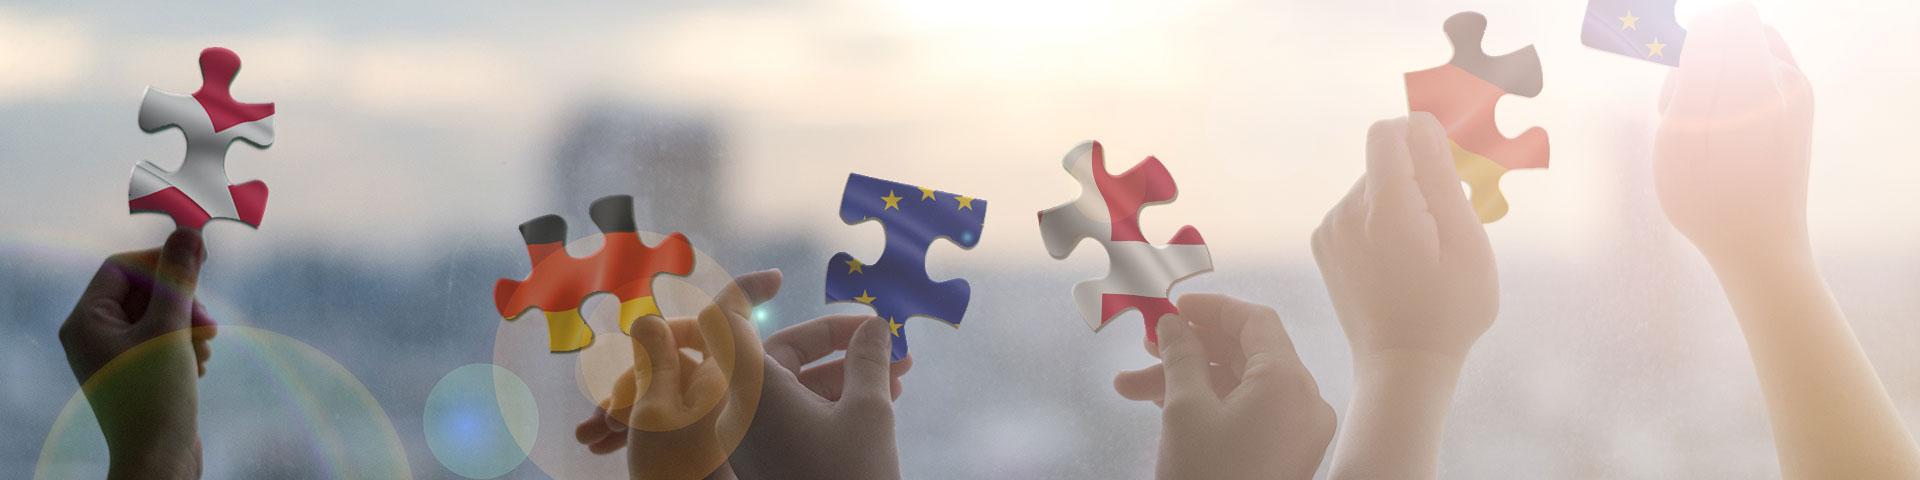 Projektoversigt - Hænder holder puslespil med flag af euro, tyskland og danmark